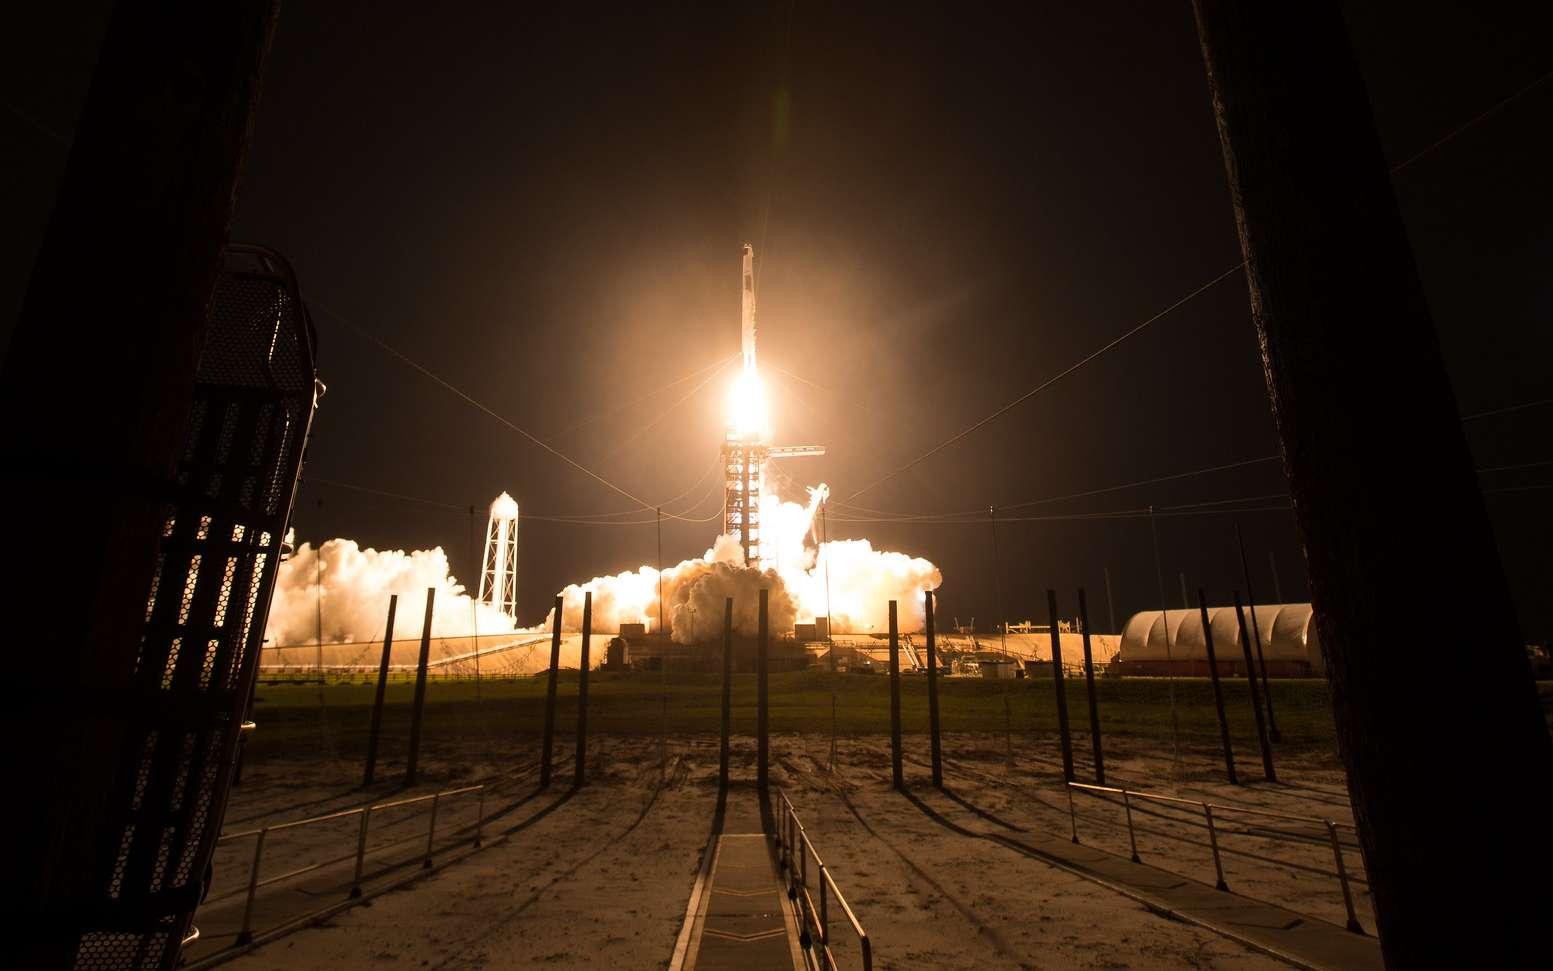 Le lanceur Flacon 9 a décollé ce vendredi 23 avril 2021 à 11 h 49 du centre spatial Kennedy (États-Unis) emportant la capsule Crew Dragon vers la Station spatiale internationale (ISS). À son bord, Thomas Pesquet et trois autres astronautes. © Nasa